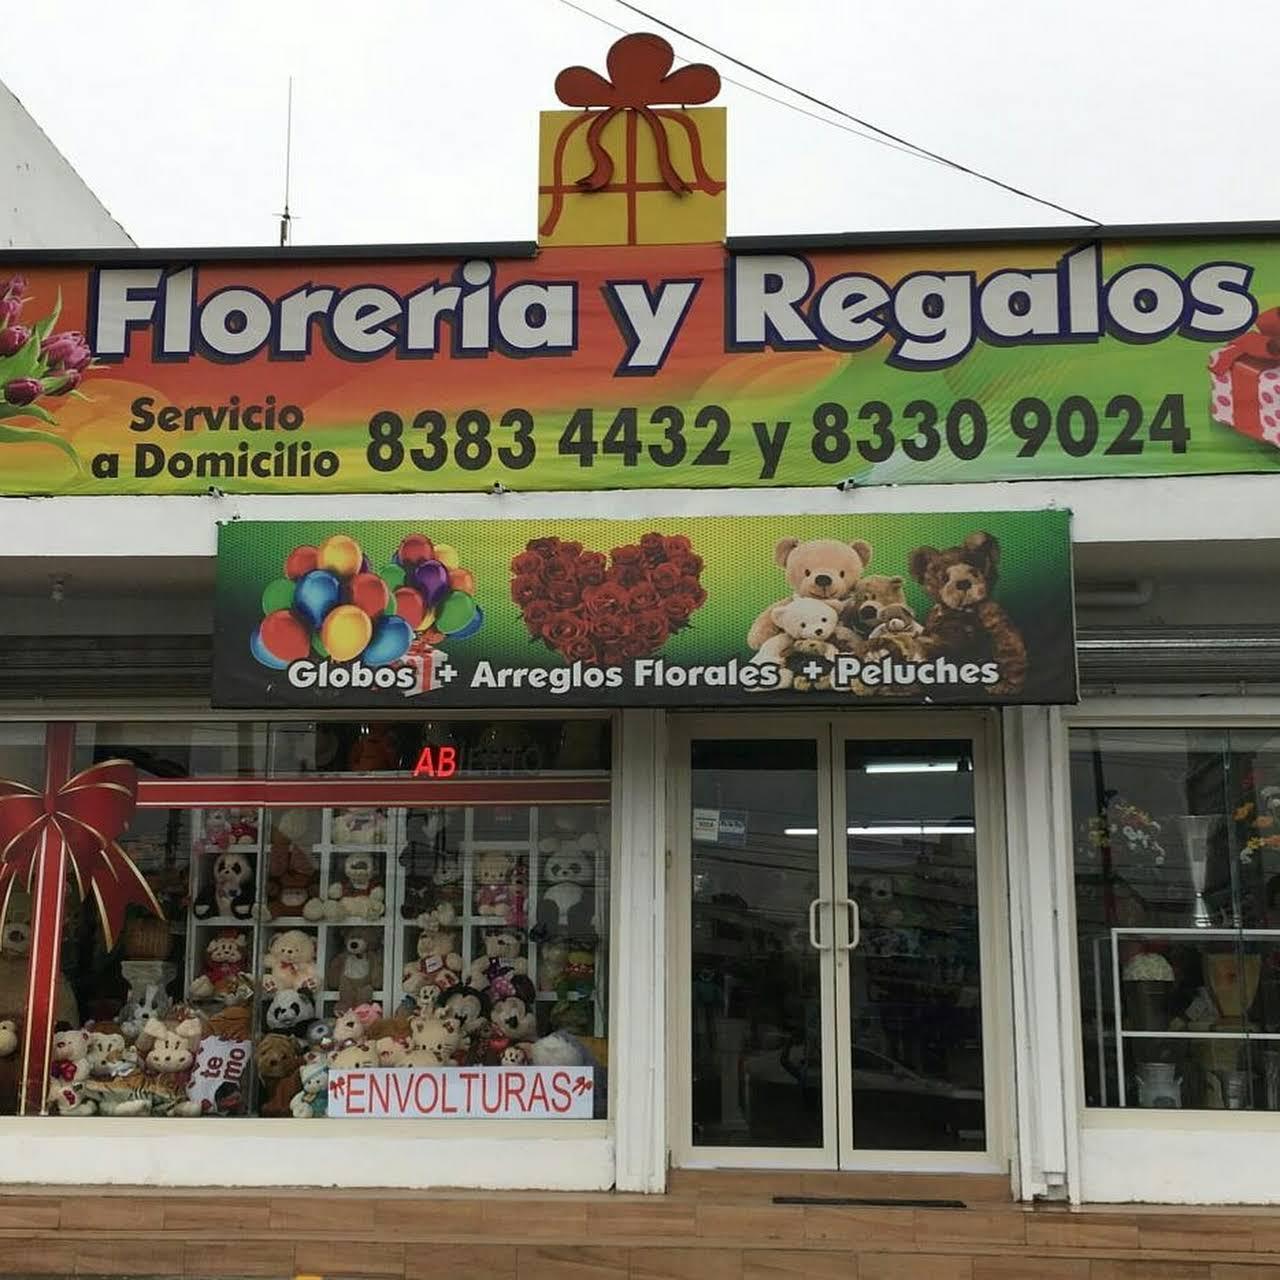 Floreria Y Regalos Leo Floristería En San Nicolas De Los Garza